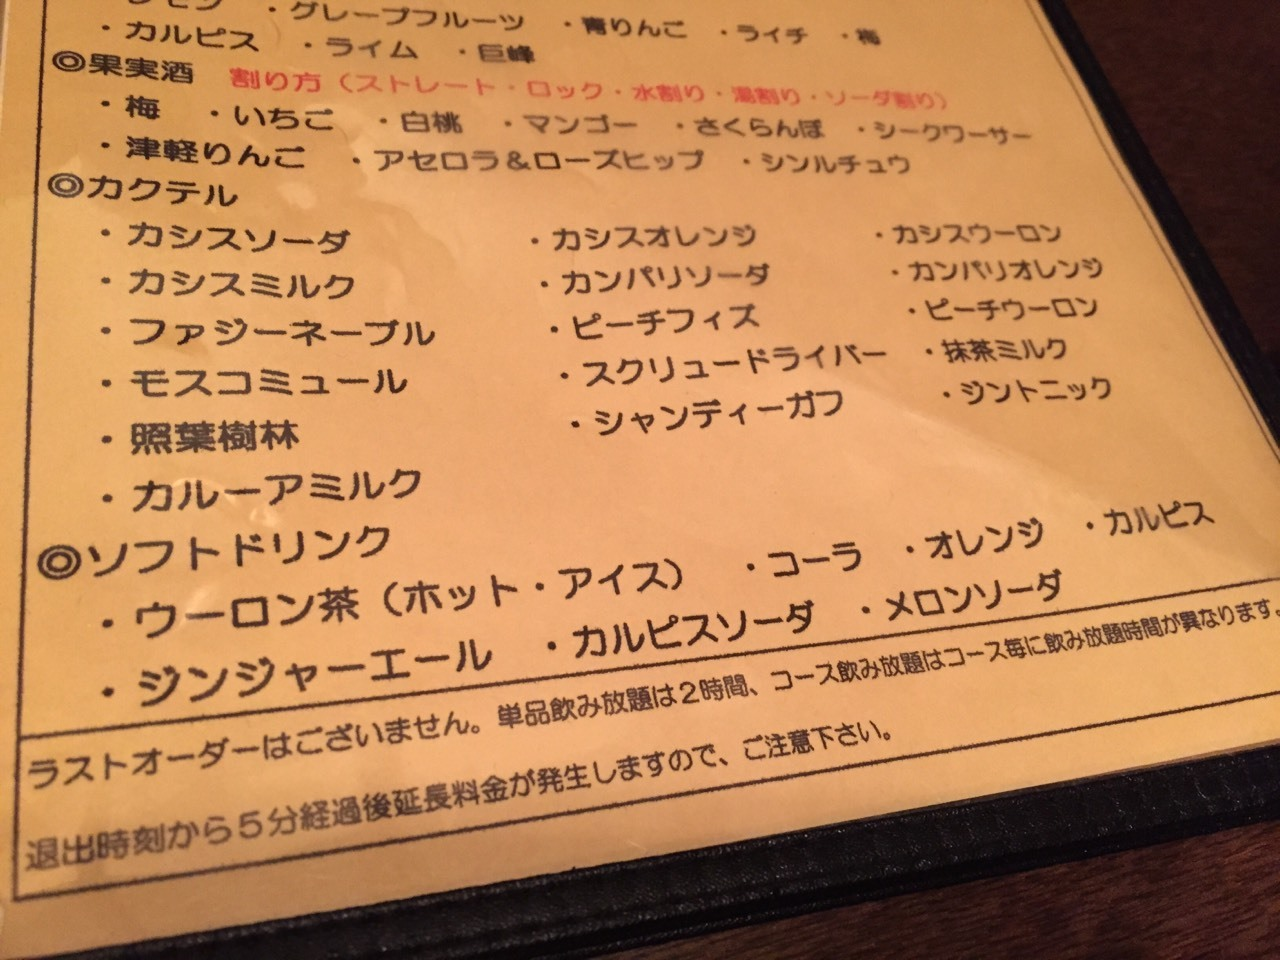 炙り焼きダイニング炭屋吉鳥   青野前夜祭_e0115904_11035566.jpg